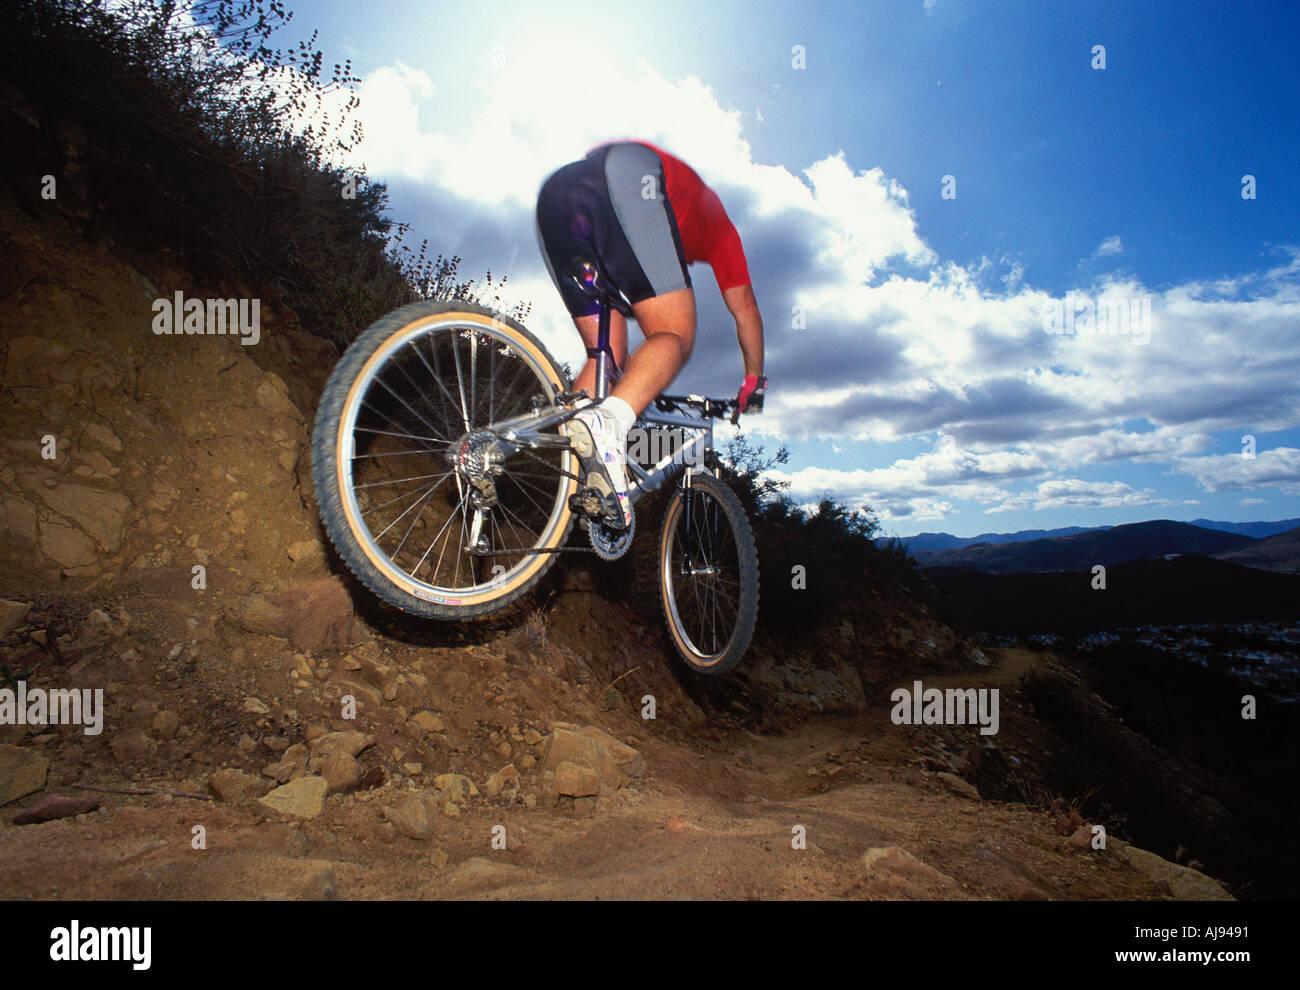 Ein Mountainbiker springen einen Hügel hinunter auf ein Singletrack trail Stockfoto